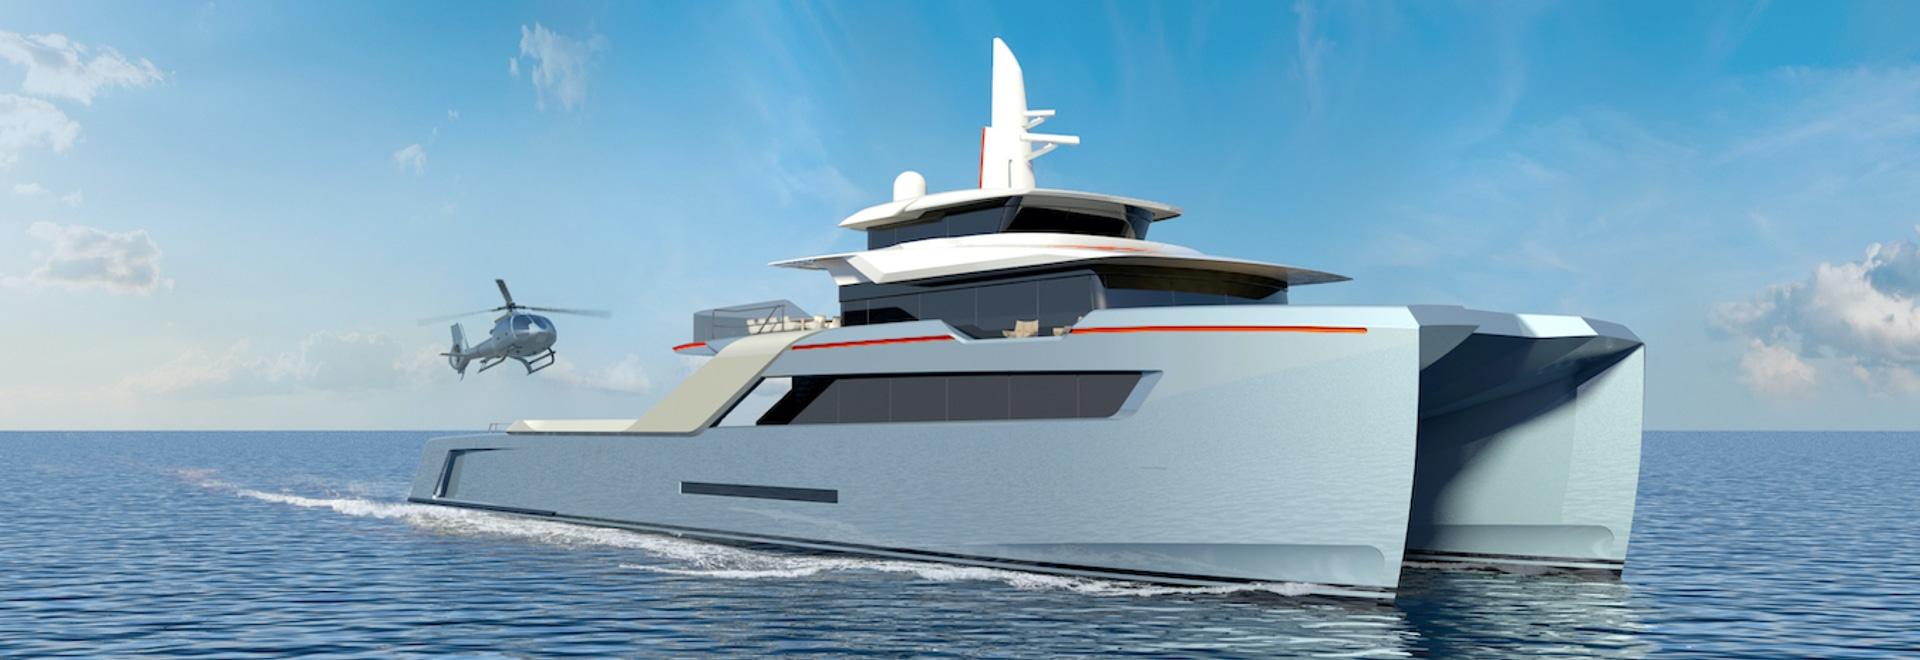 Echo Yachts lanza el diseño de una nave de apoyo humanitario